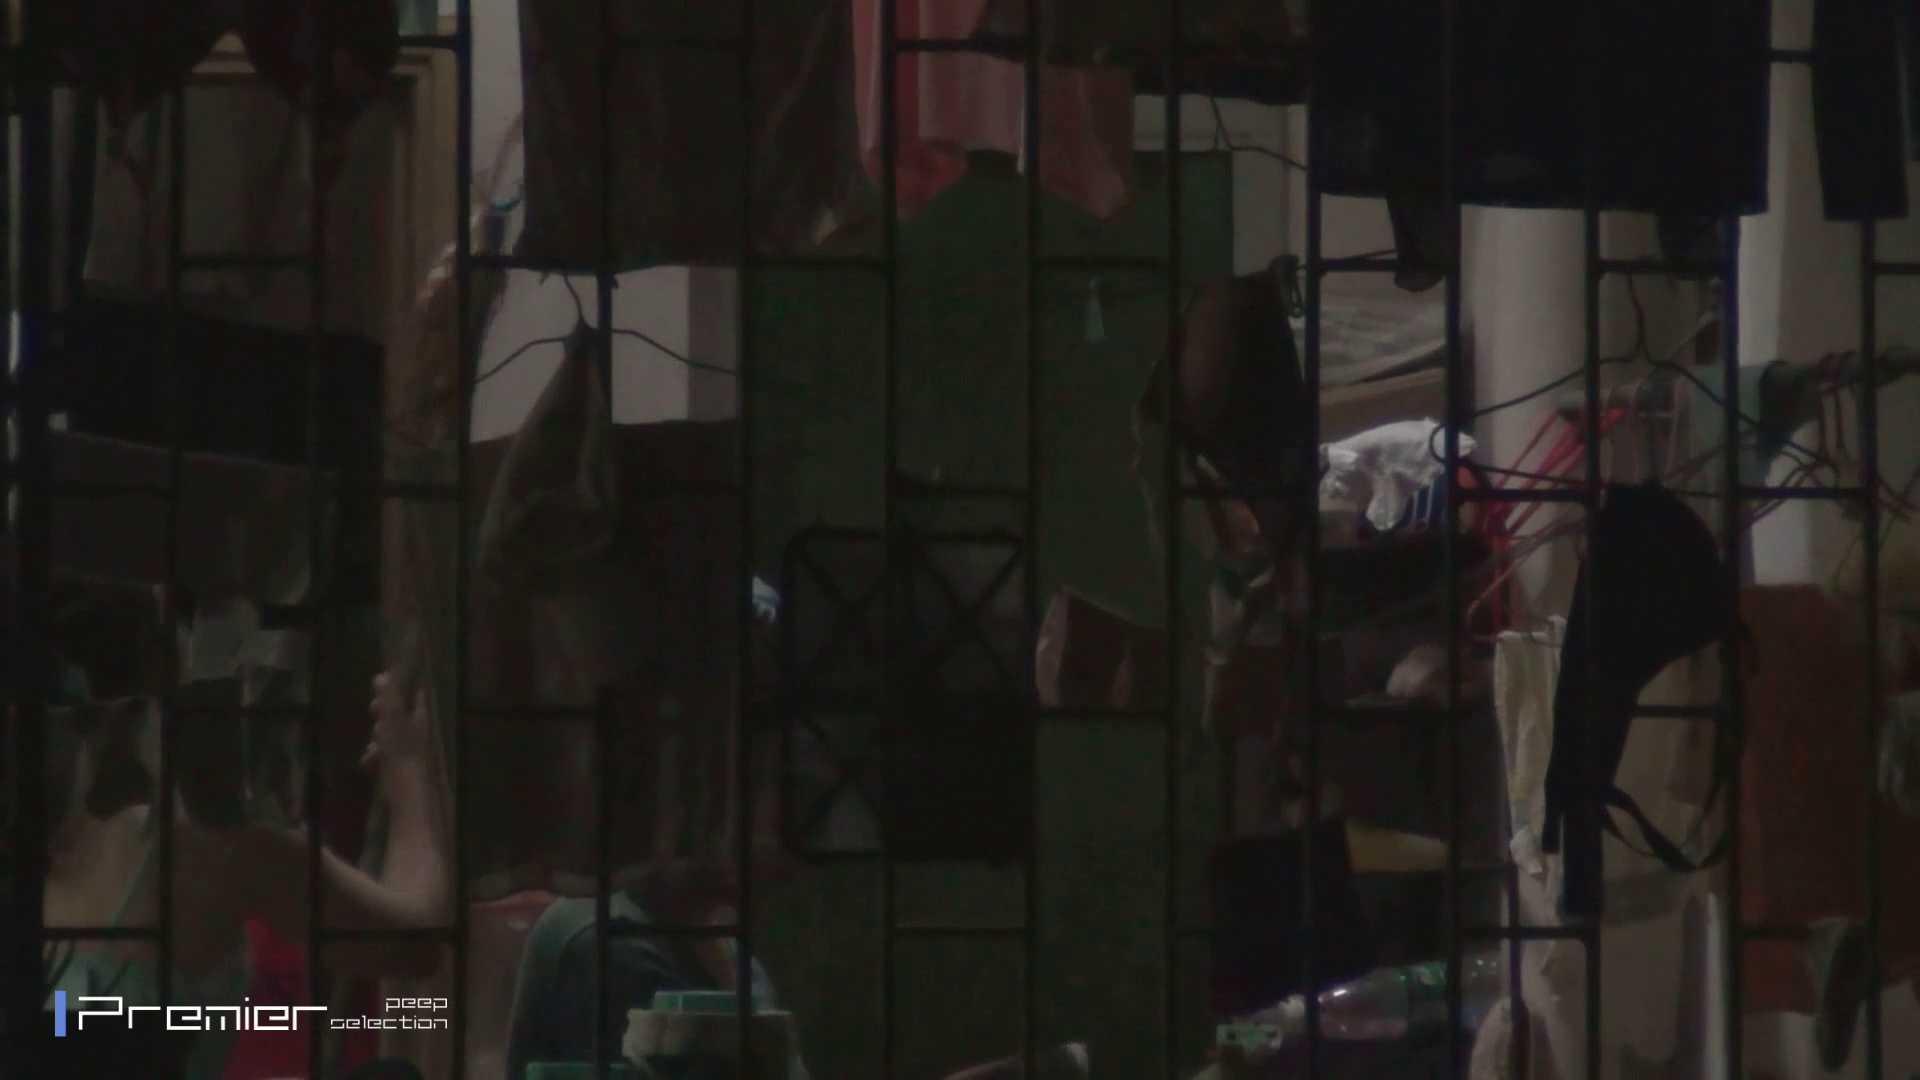 美女の痴態に密着!洗濯物を干す女 Vol.07 民家 すけべAV動画紹介 98画像 74